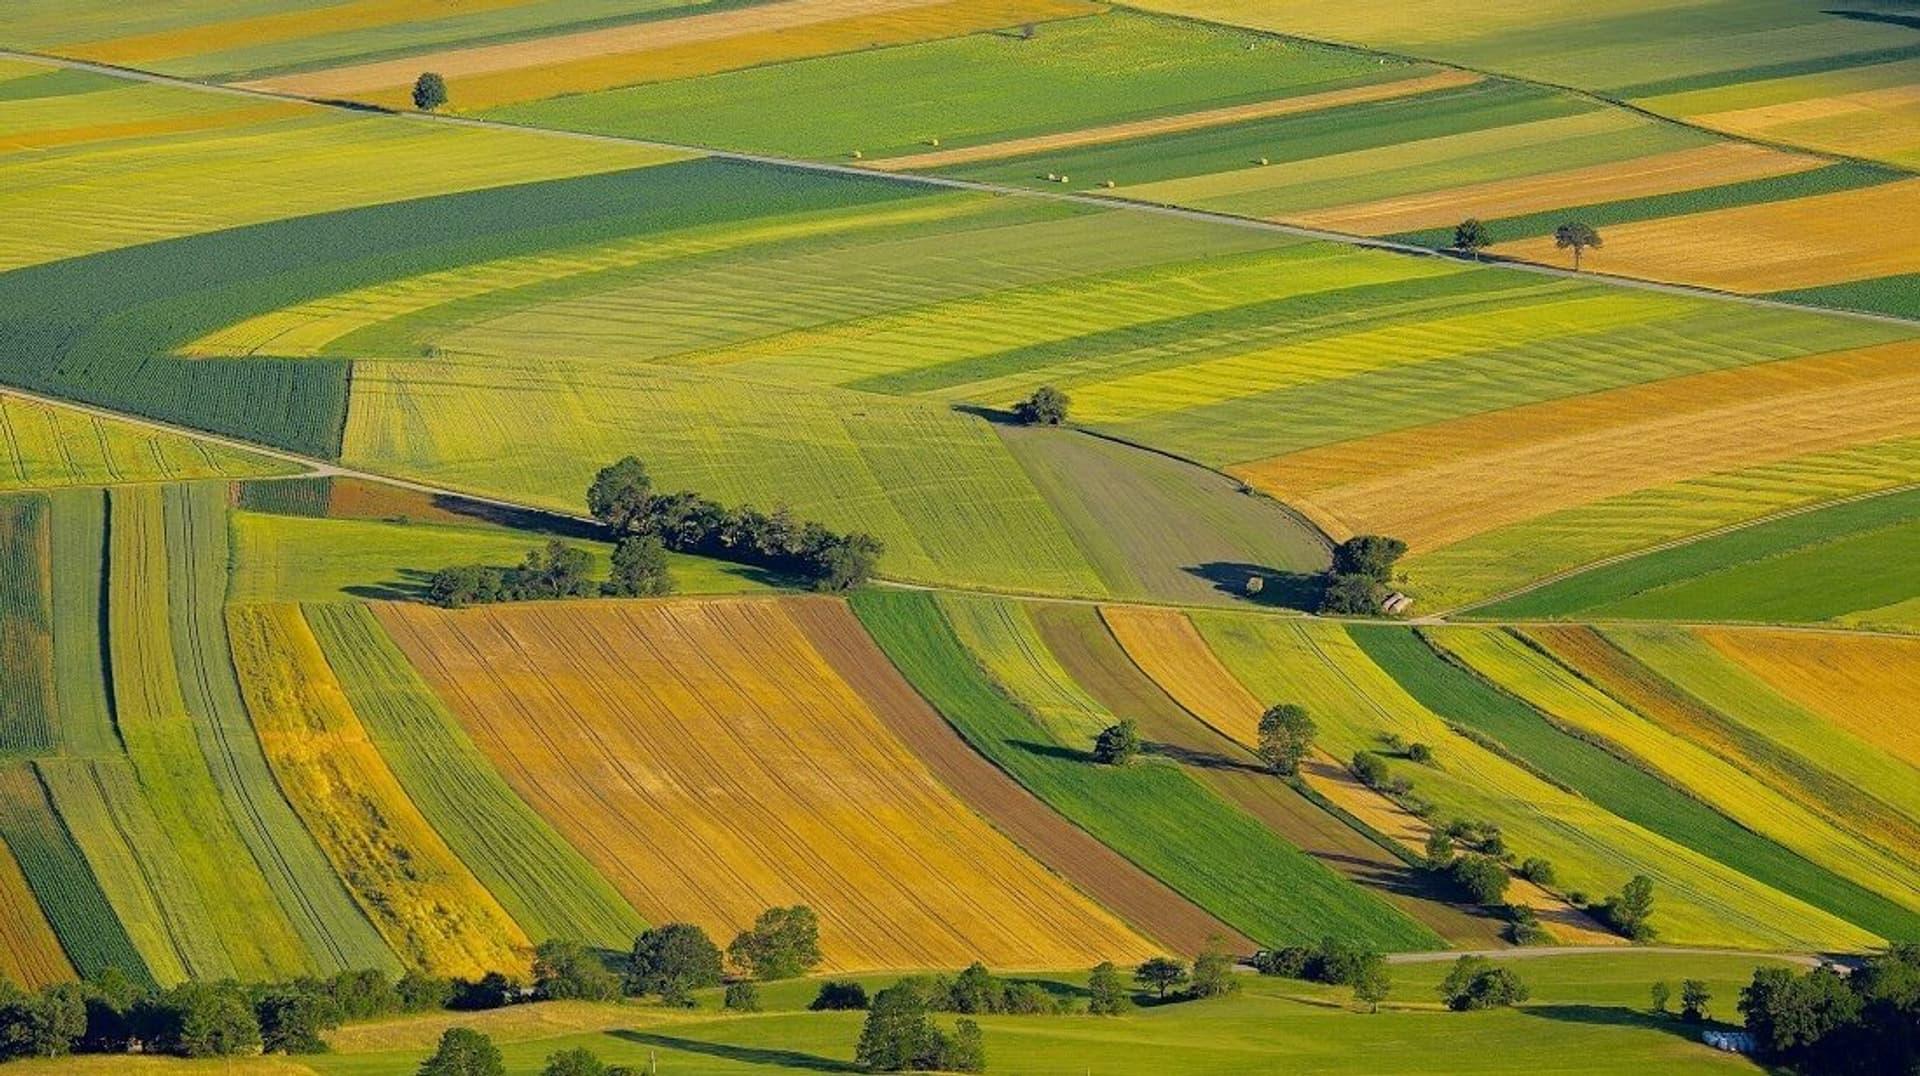 Landwirtschaft c Peter Gudella shutterstock 270683753